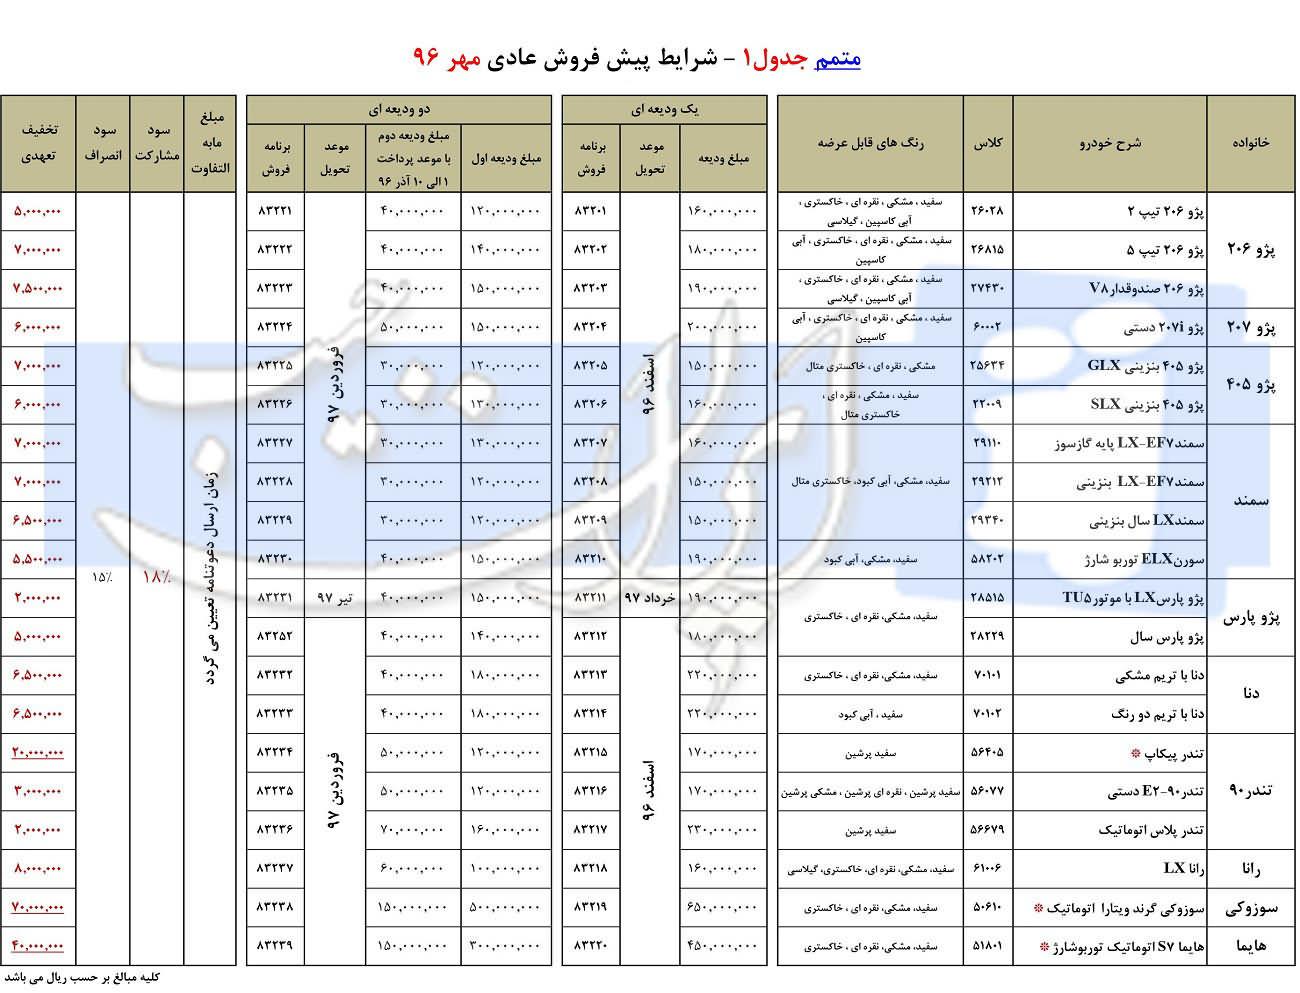 بخشنامه شماره 2 پیش فروش محصولات ایران خودرو ویژه مهر 96